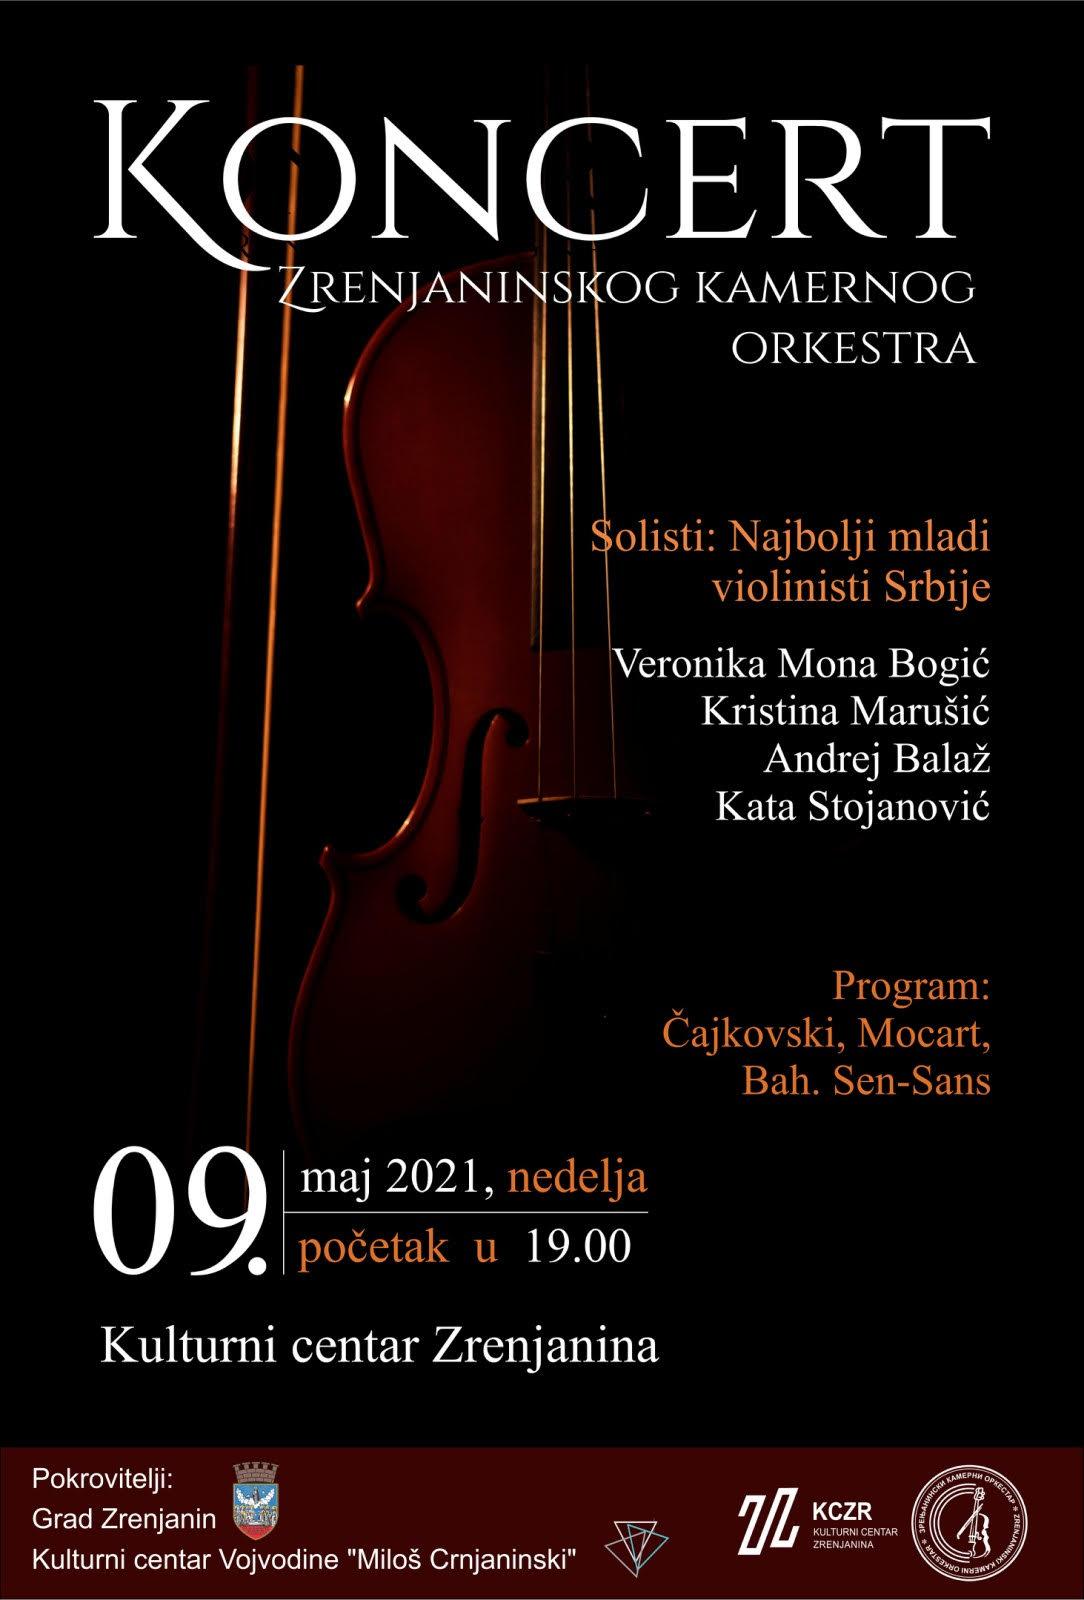 zrenjaninski kamerni orkestar koncert 9. maj 2021.